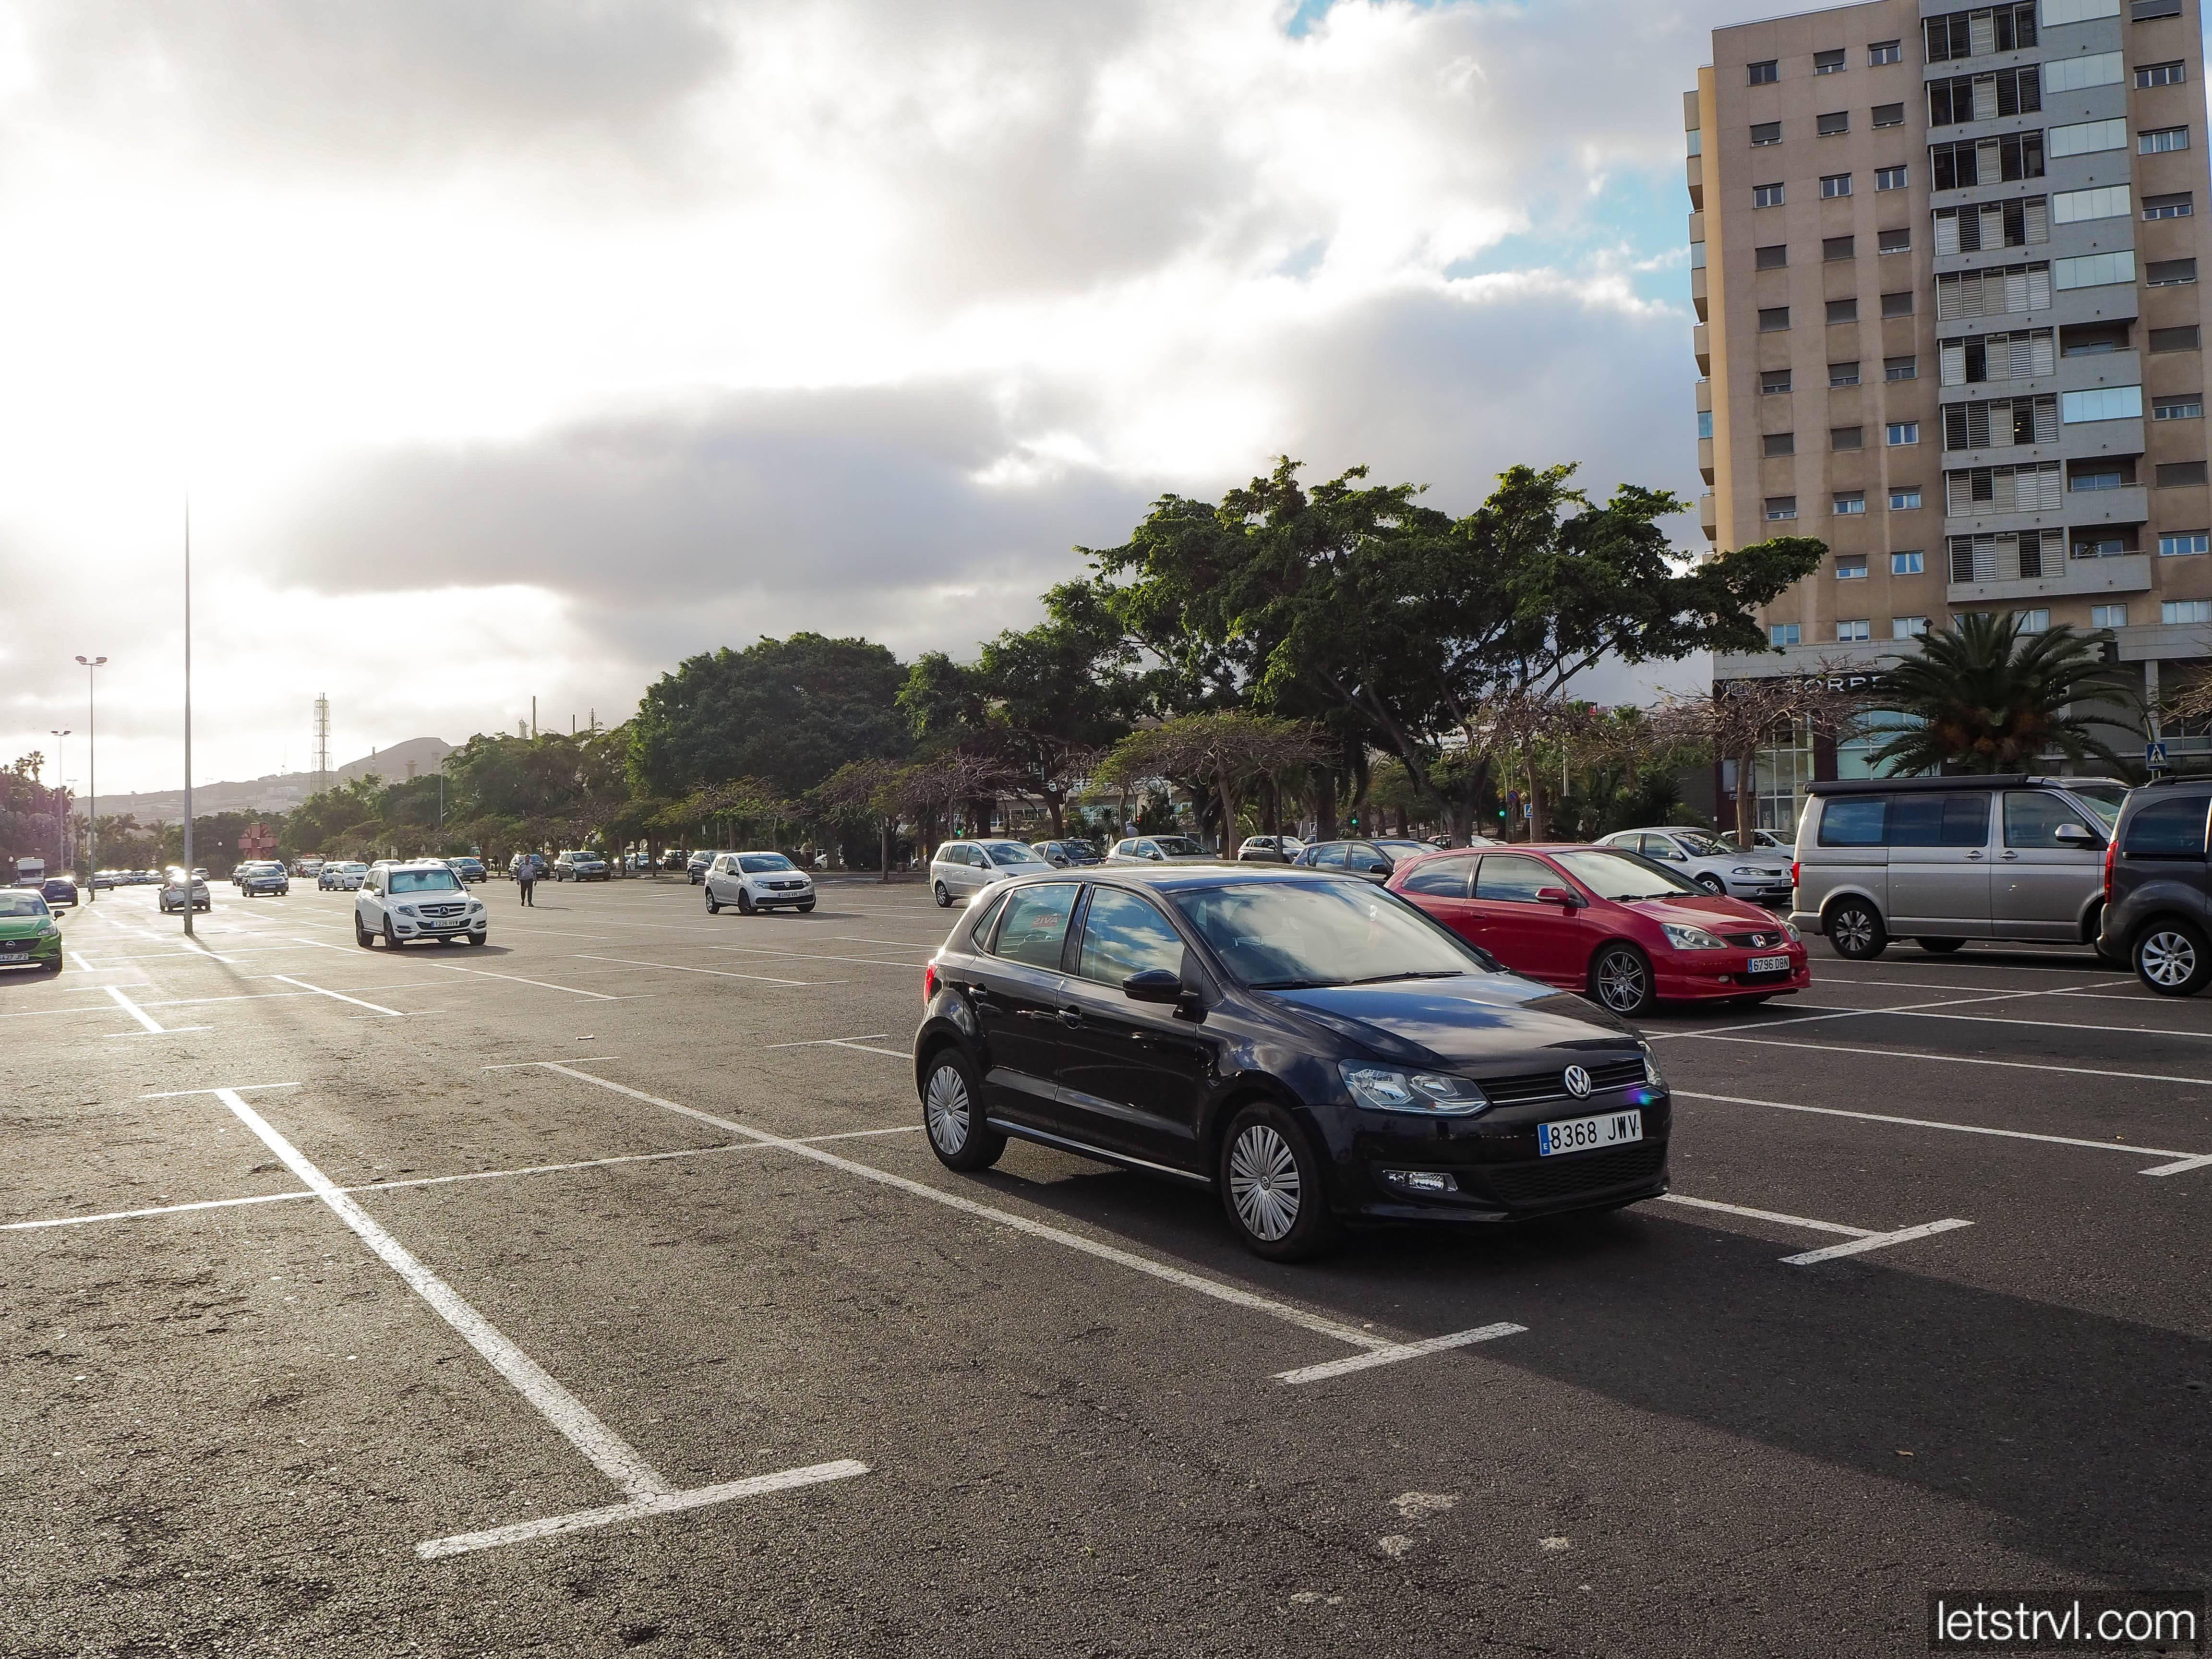 Прокат авто на тенерифе в аэропорту южный. наш отзыв и лайфхаки. нужна ли аренда авто на тенерифе? — по миру без турфирмы